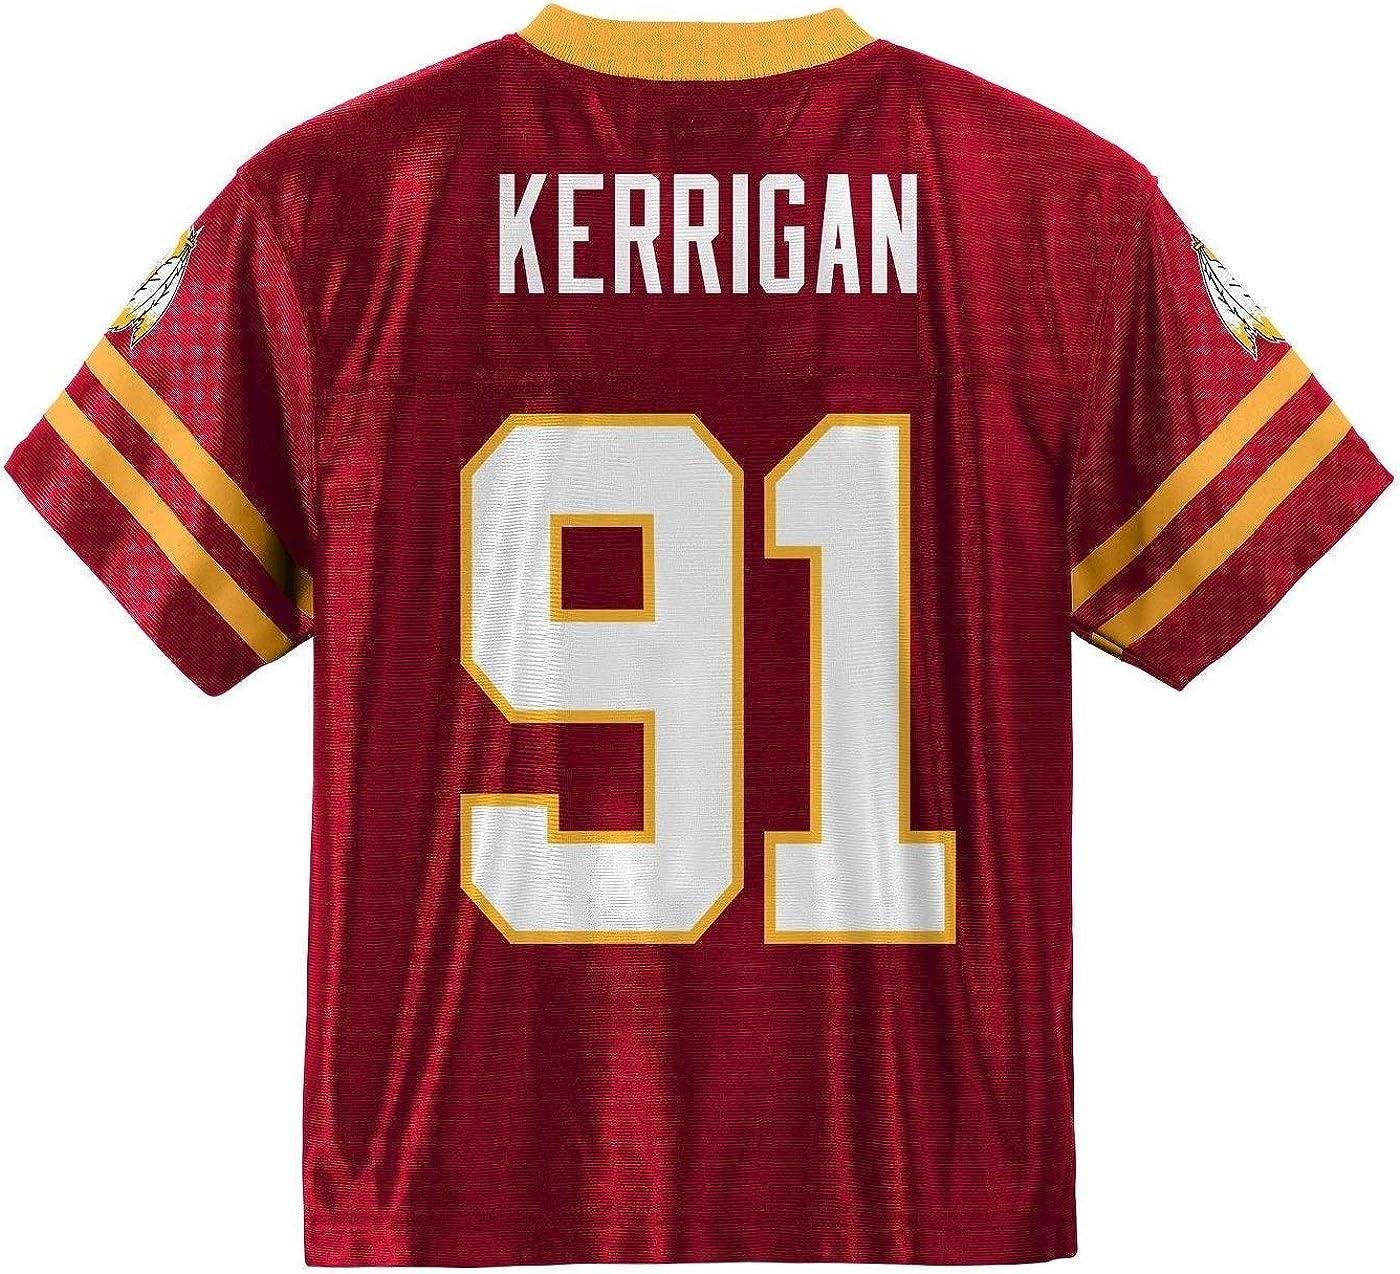 ryan kerrigan women's jersey